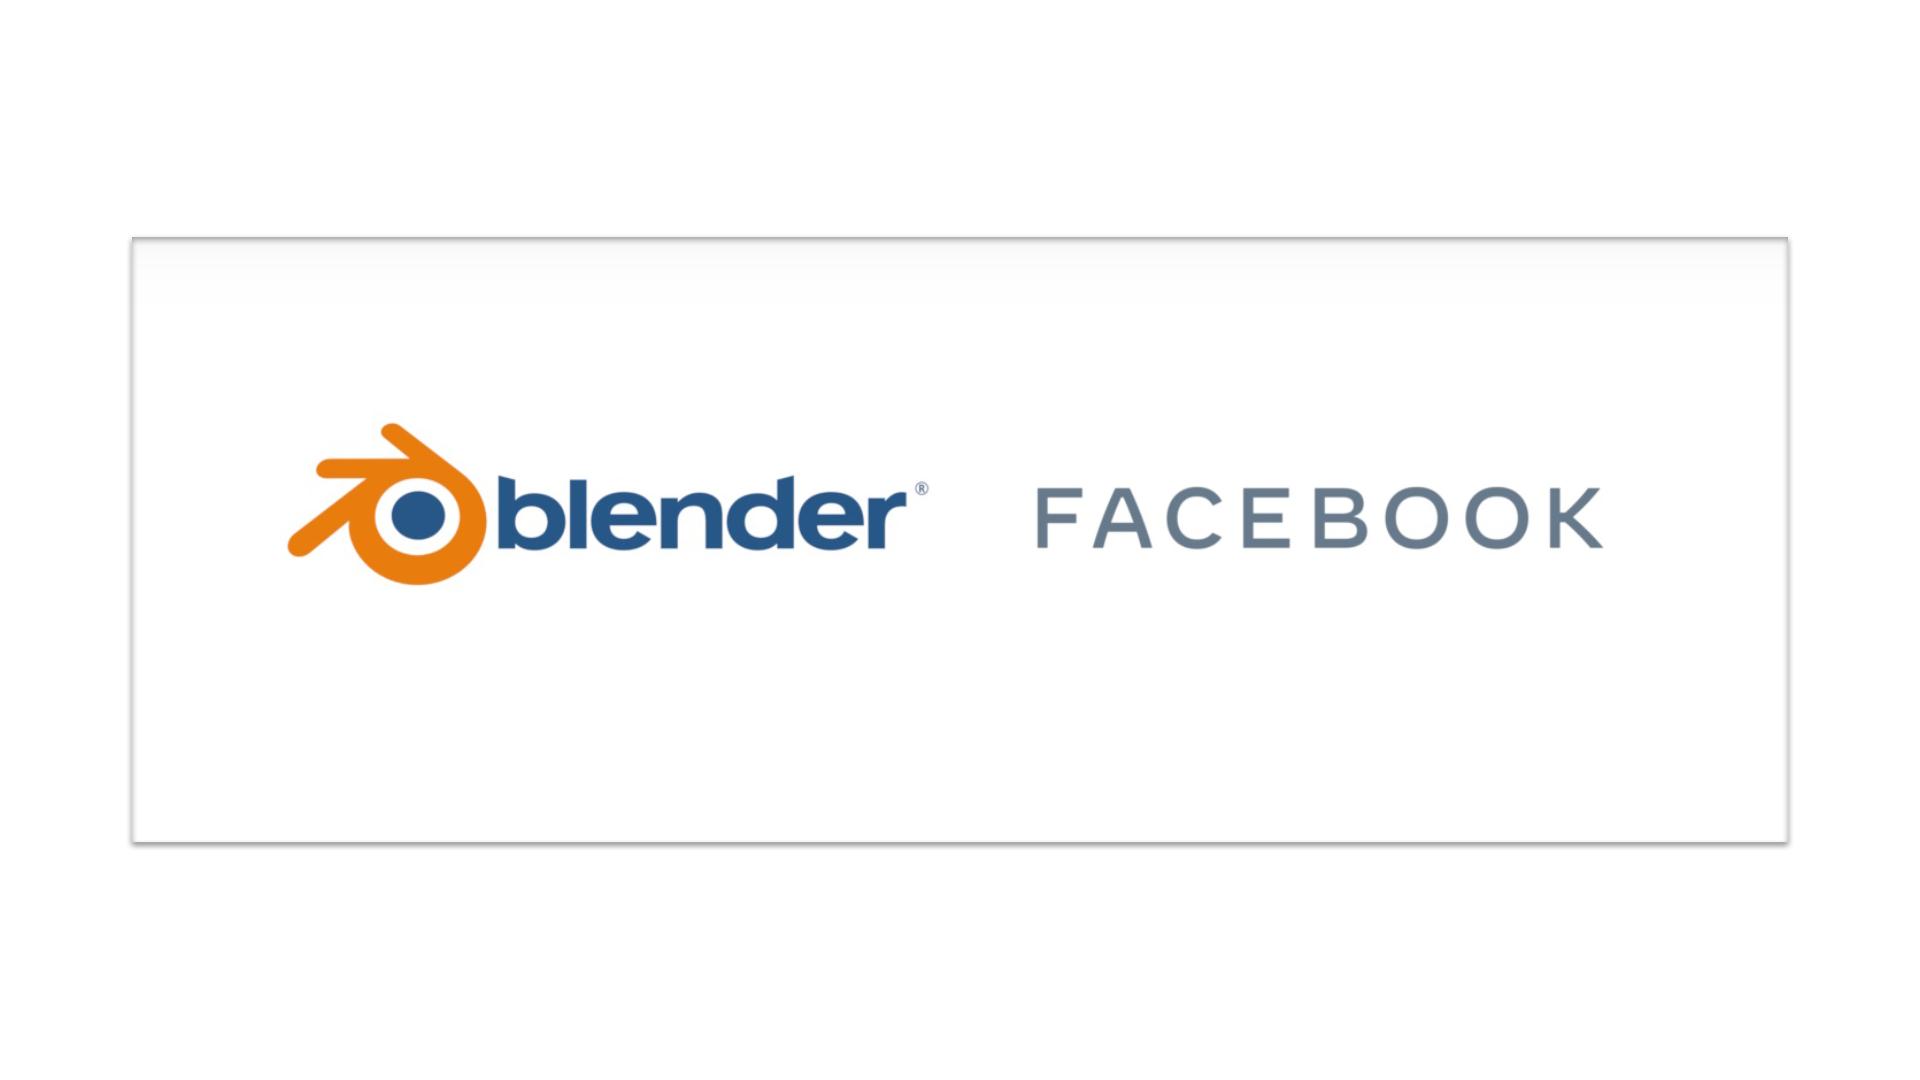 blender_face